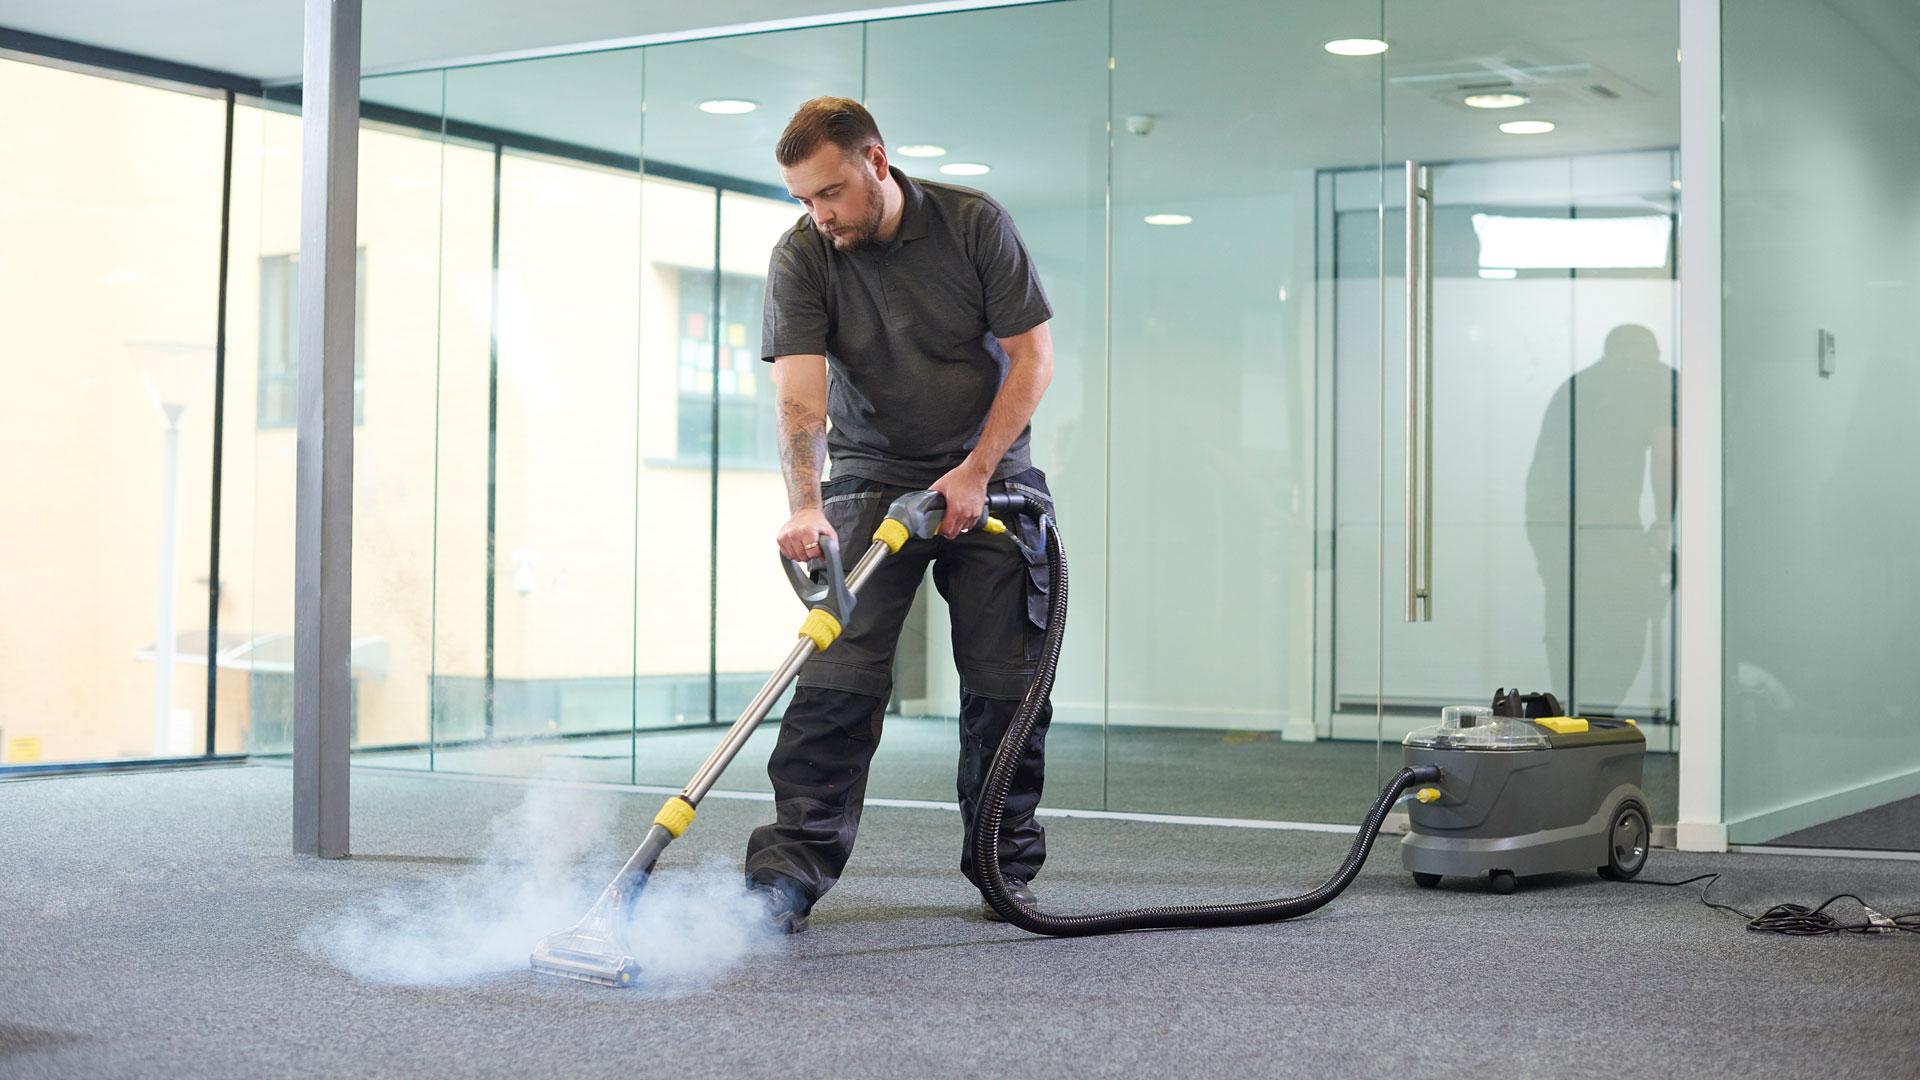 Ein Mitarbeiter von SAAD Facility Management führt eine professionelle Teppichreinigung durch